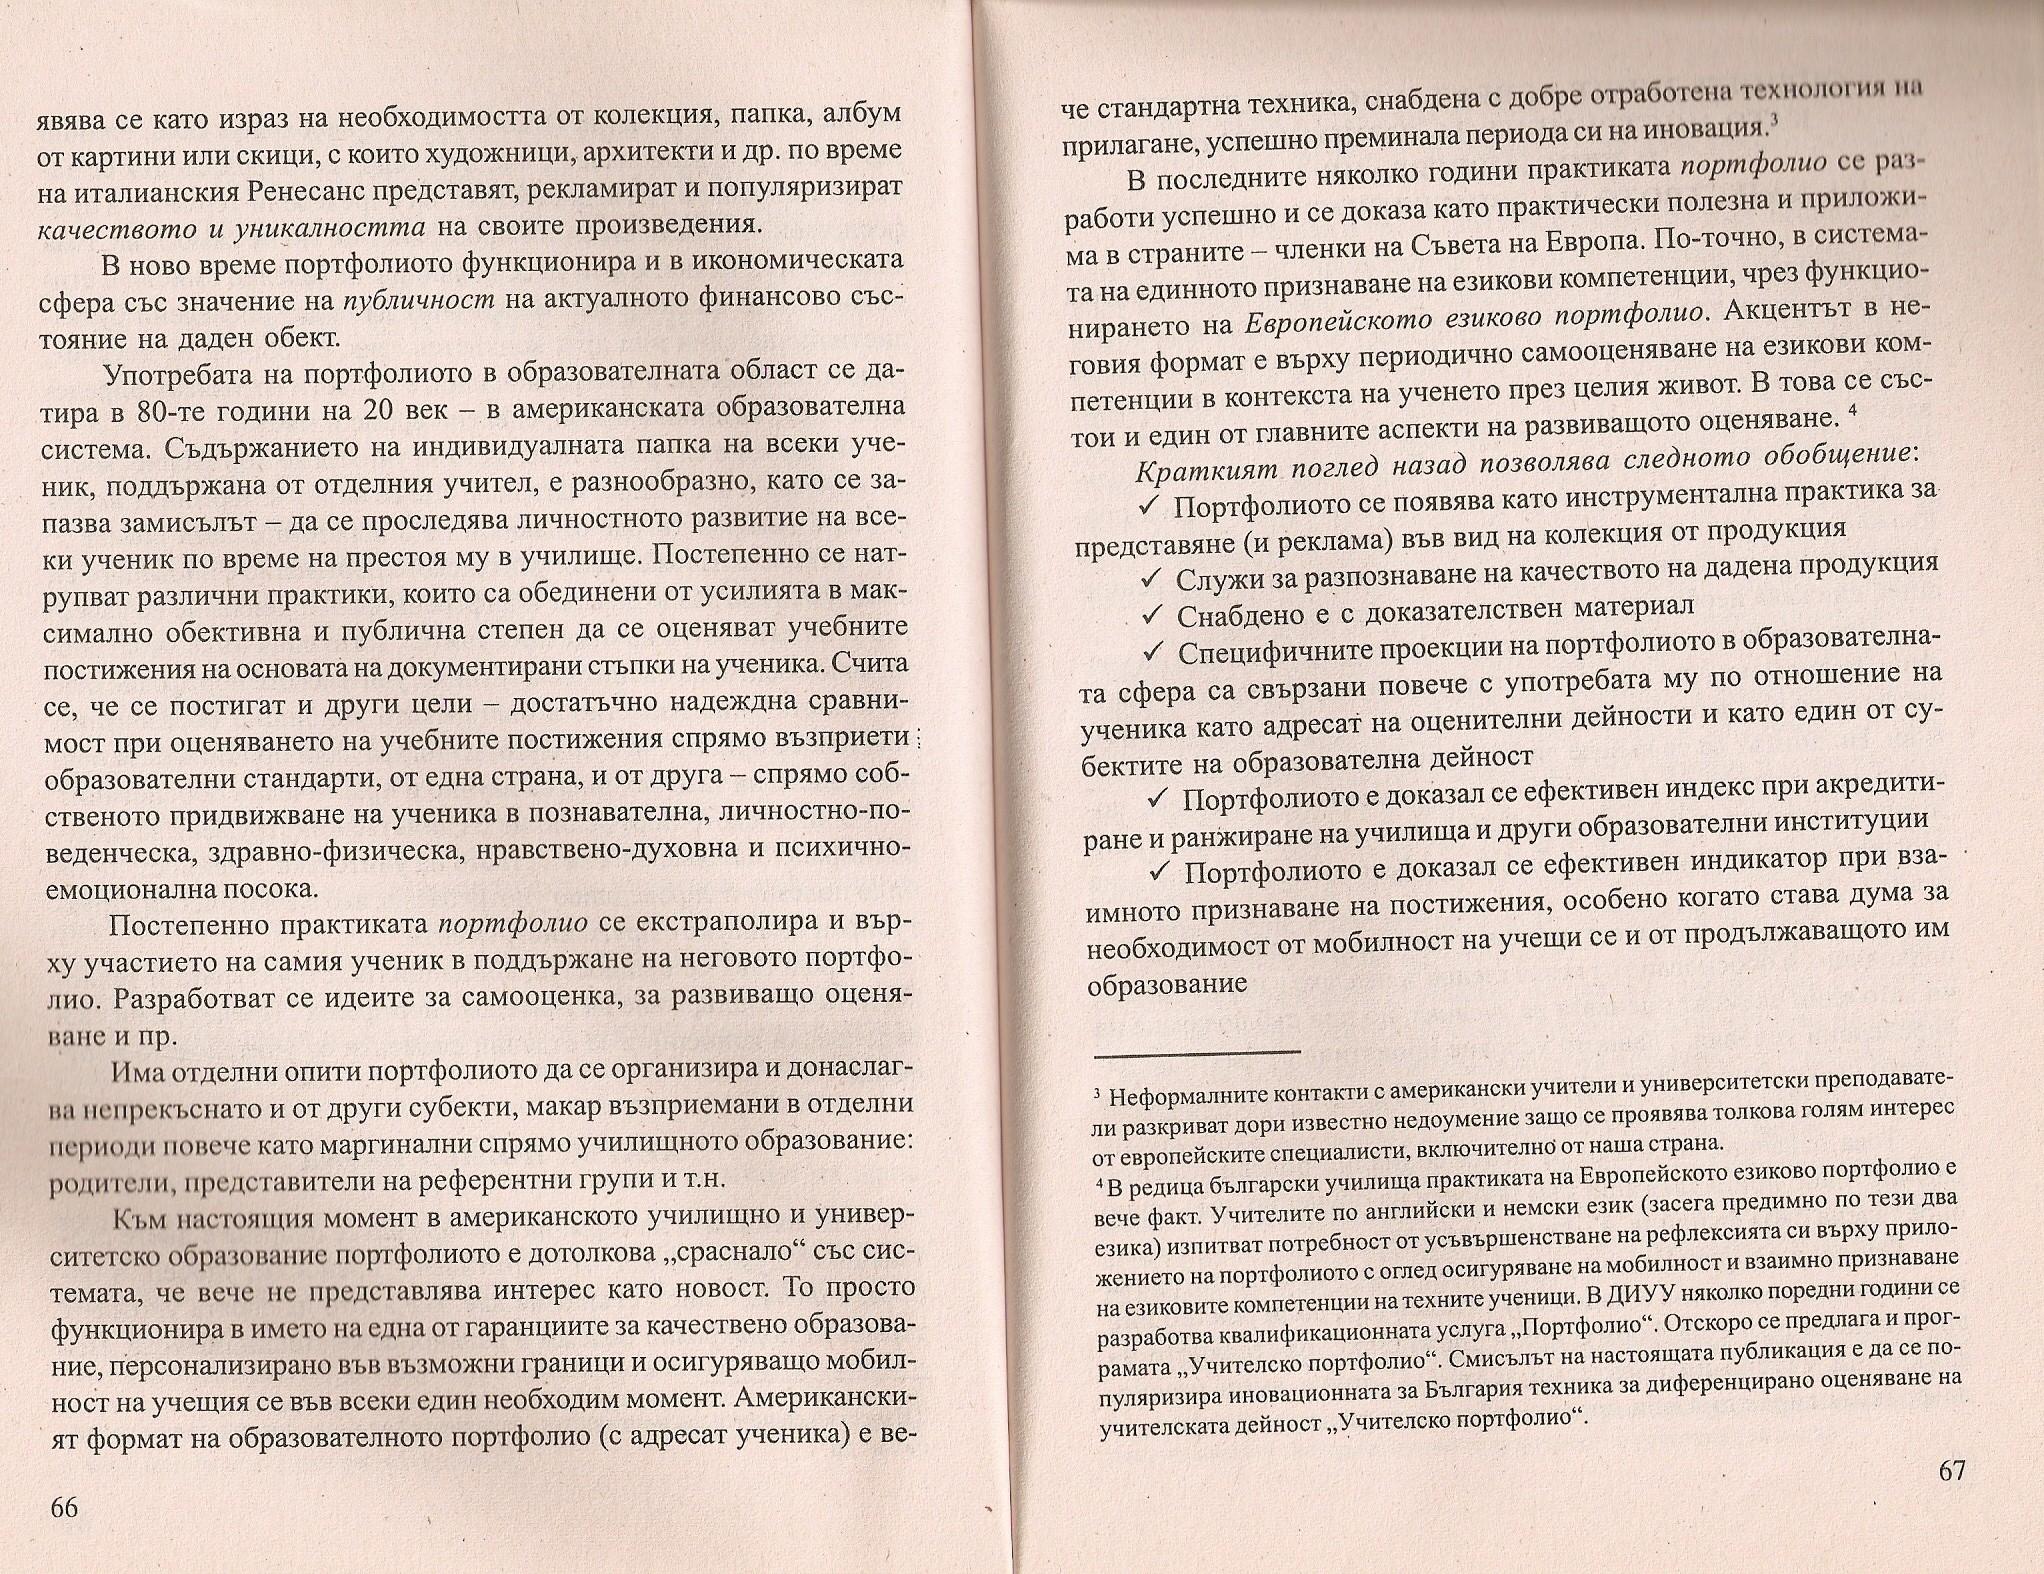 Текстове на мои сравнително скорошни публикации   Марияна Стефанова - BG